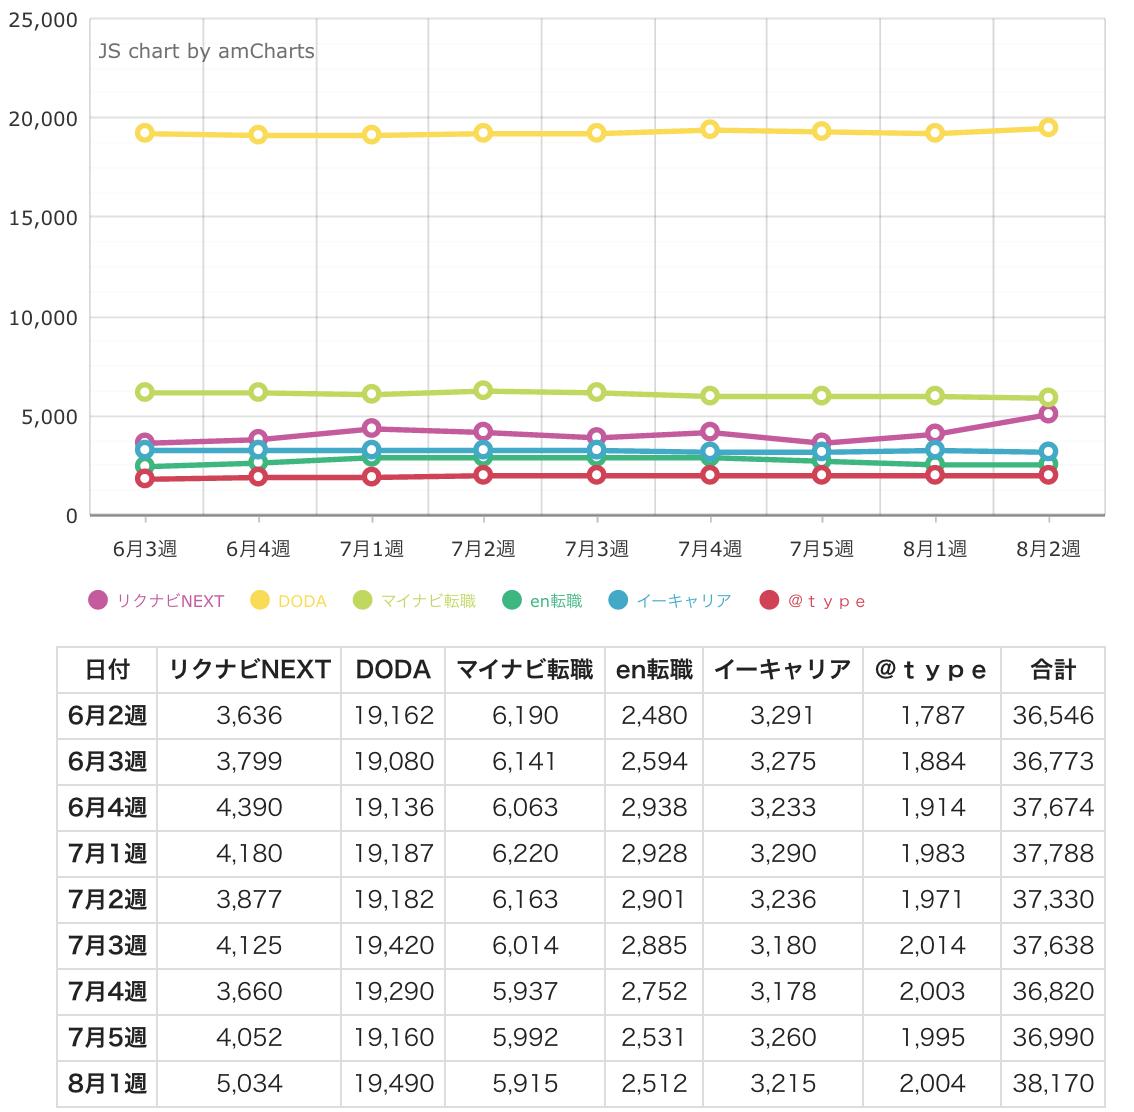 ウィークリー求人サイト掲載件数速報 2015年8月2週